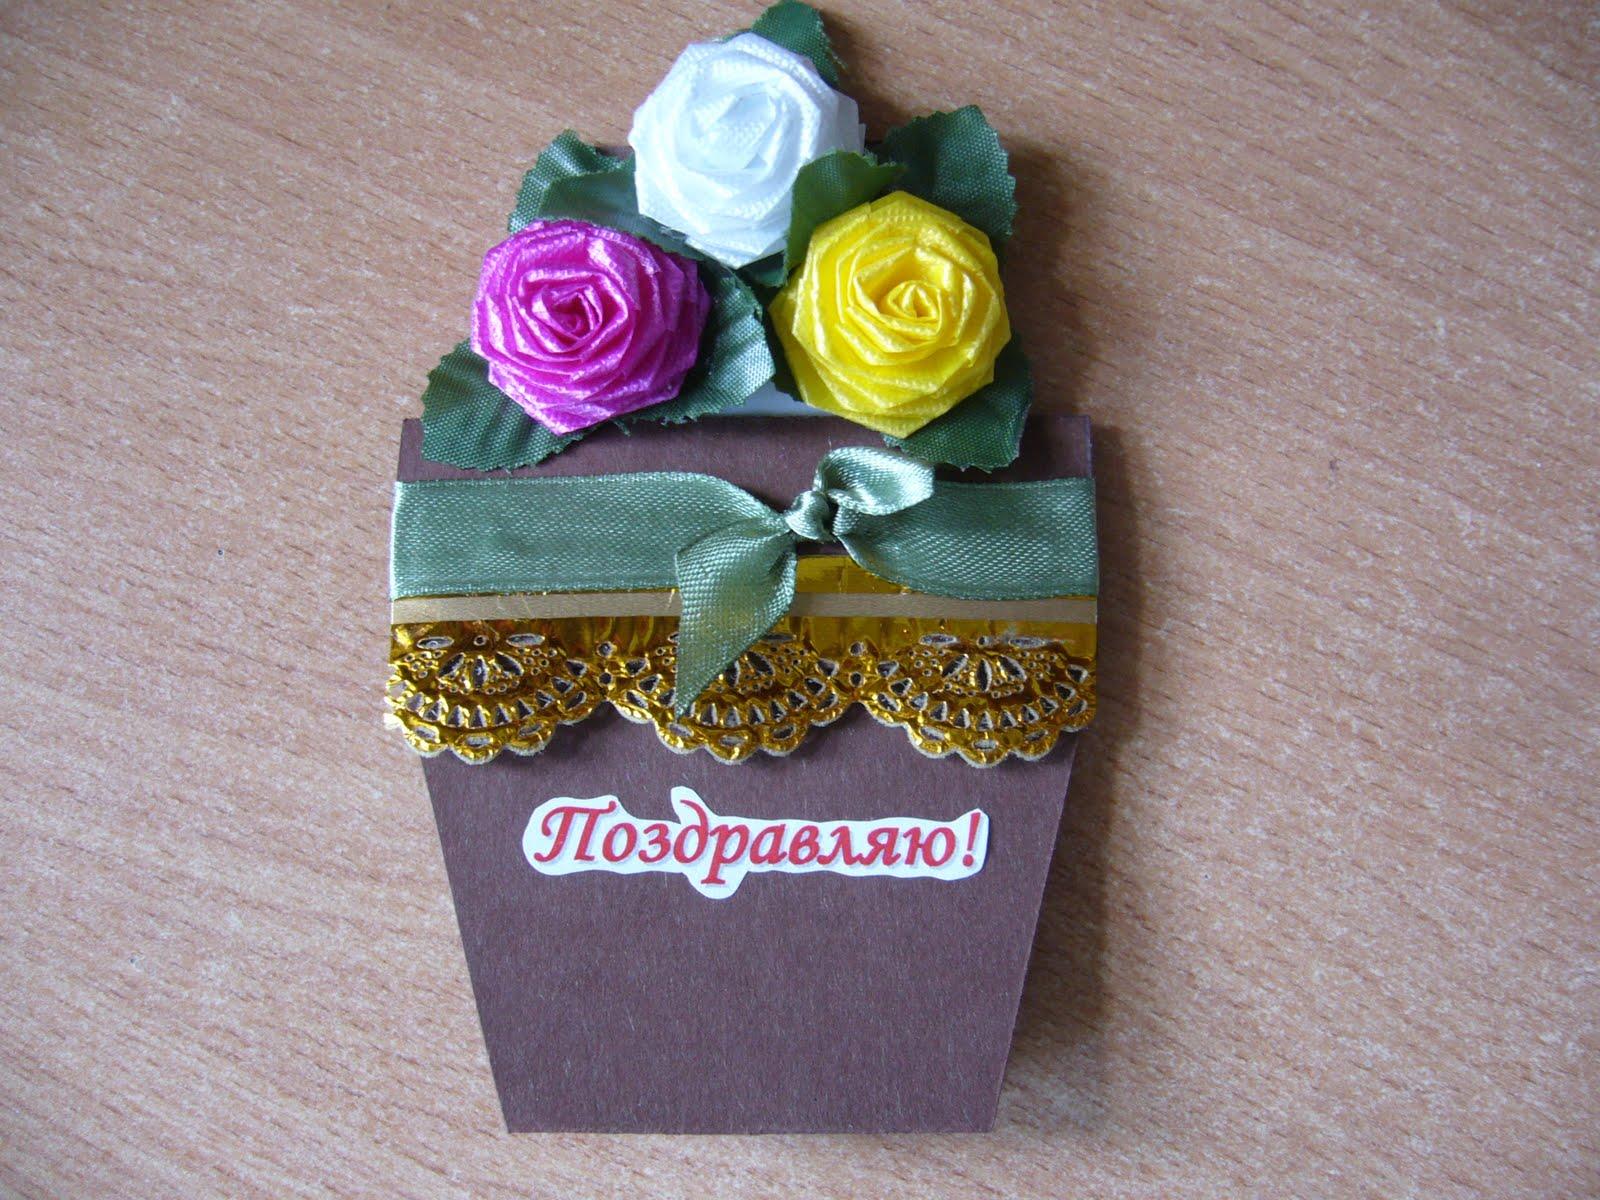 Стих к подарку горшок для цветов 17